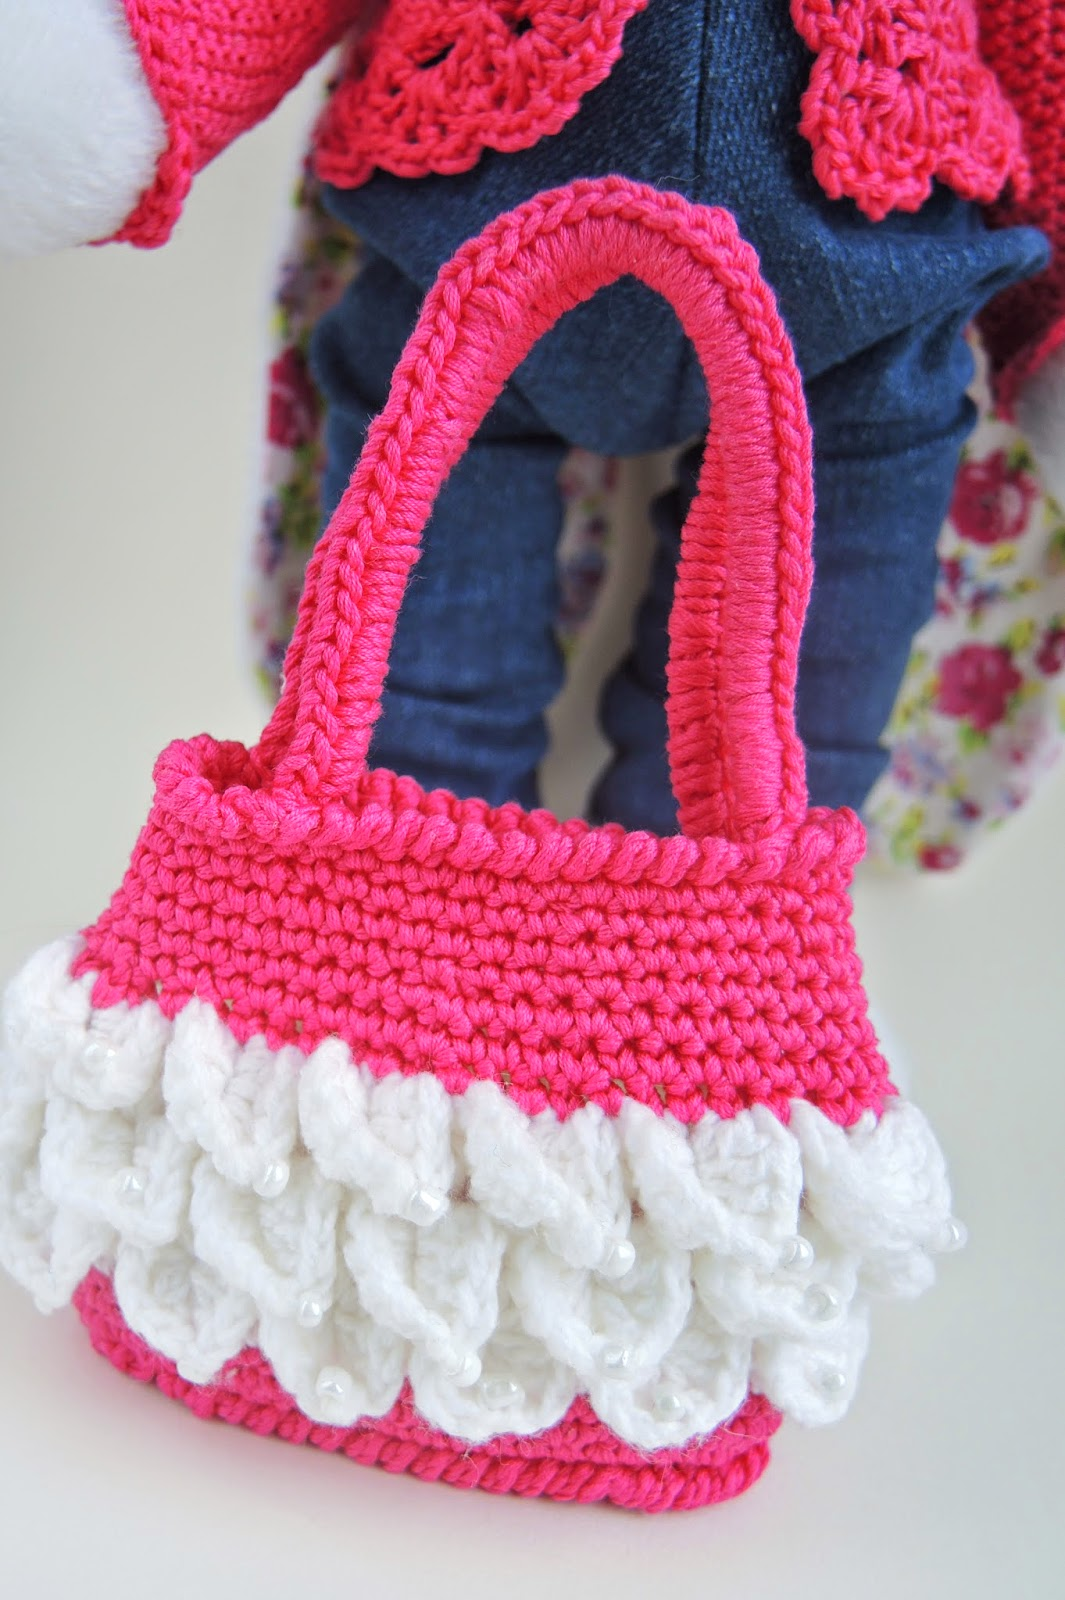 игрушки своими руками, зайки, заяц сшитый своими руками, сумка вязаная